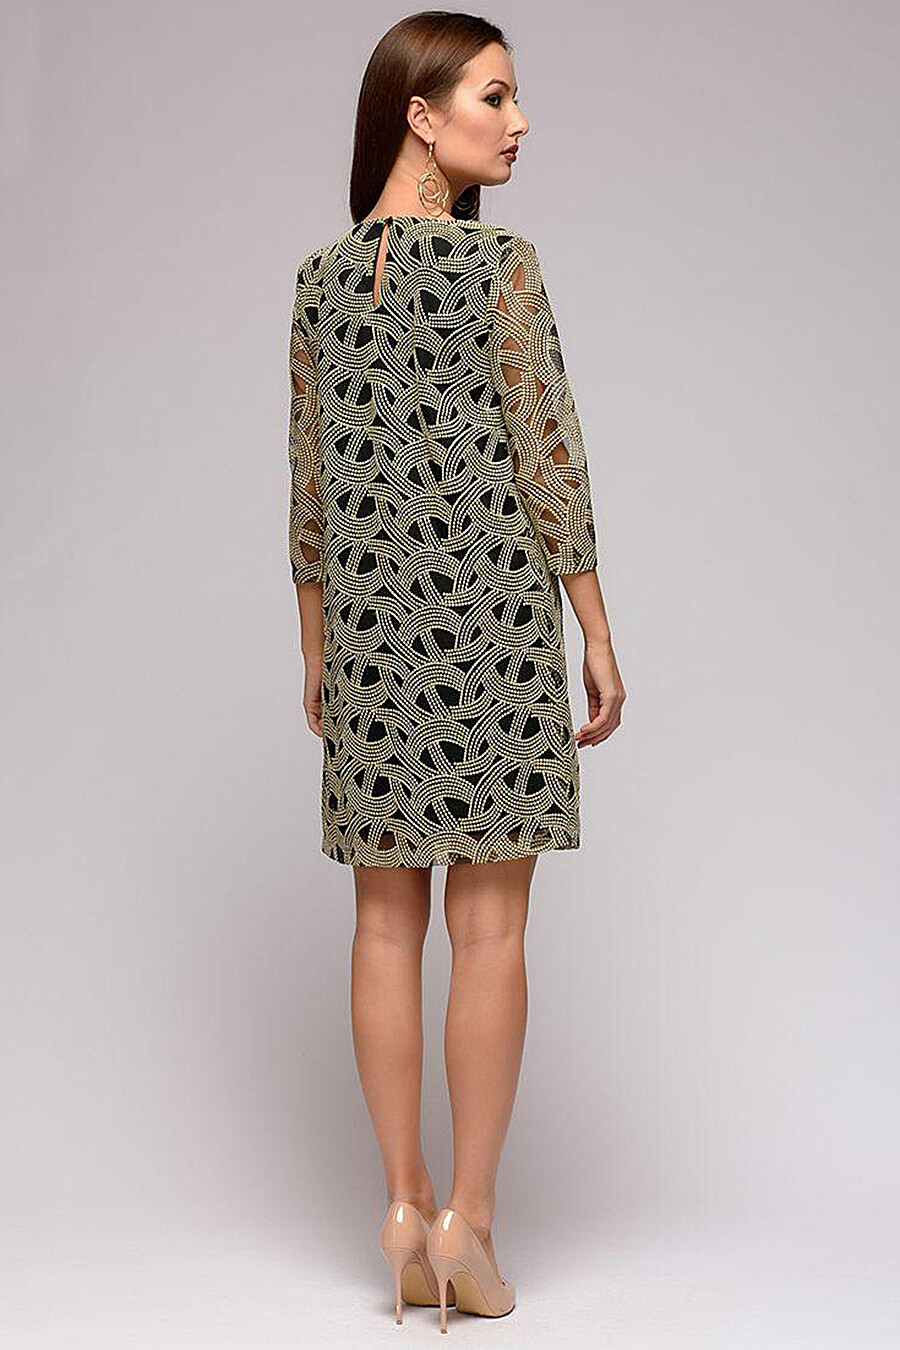 Платье для женщин 1001 DRESS 130982 купить оптом от производителя. Совместная покупка женской одежды в OptMoyo